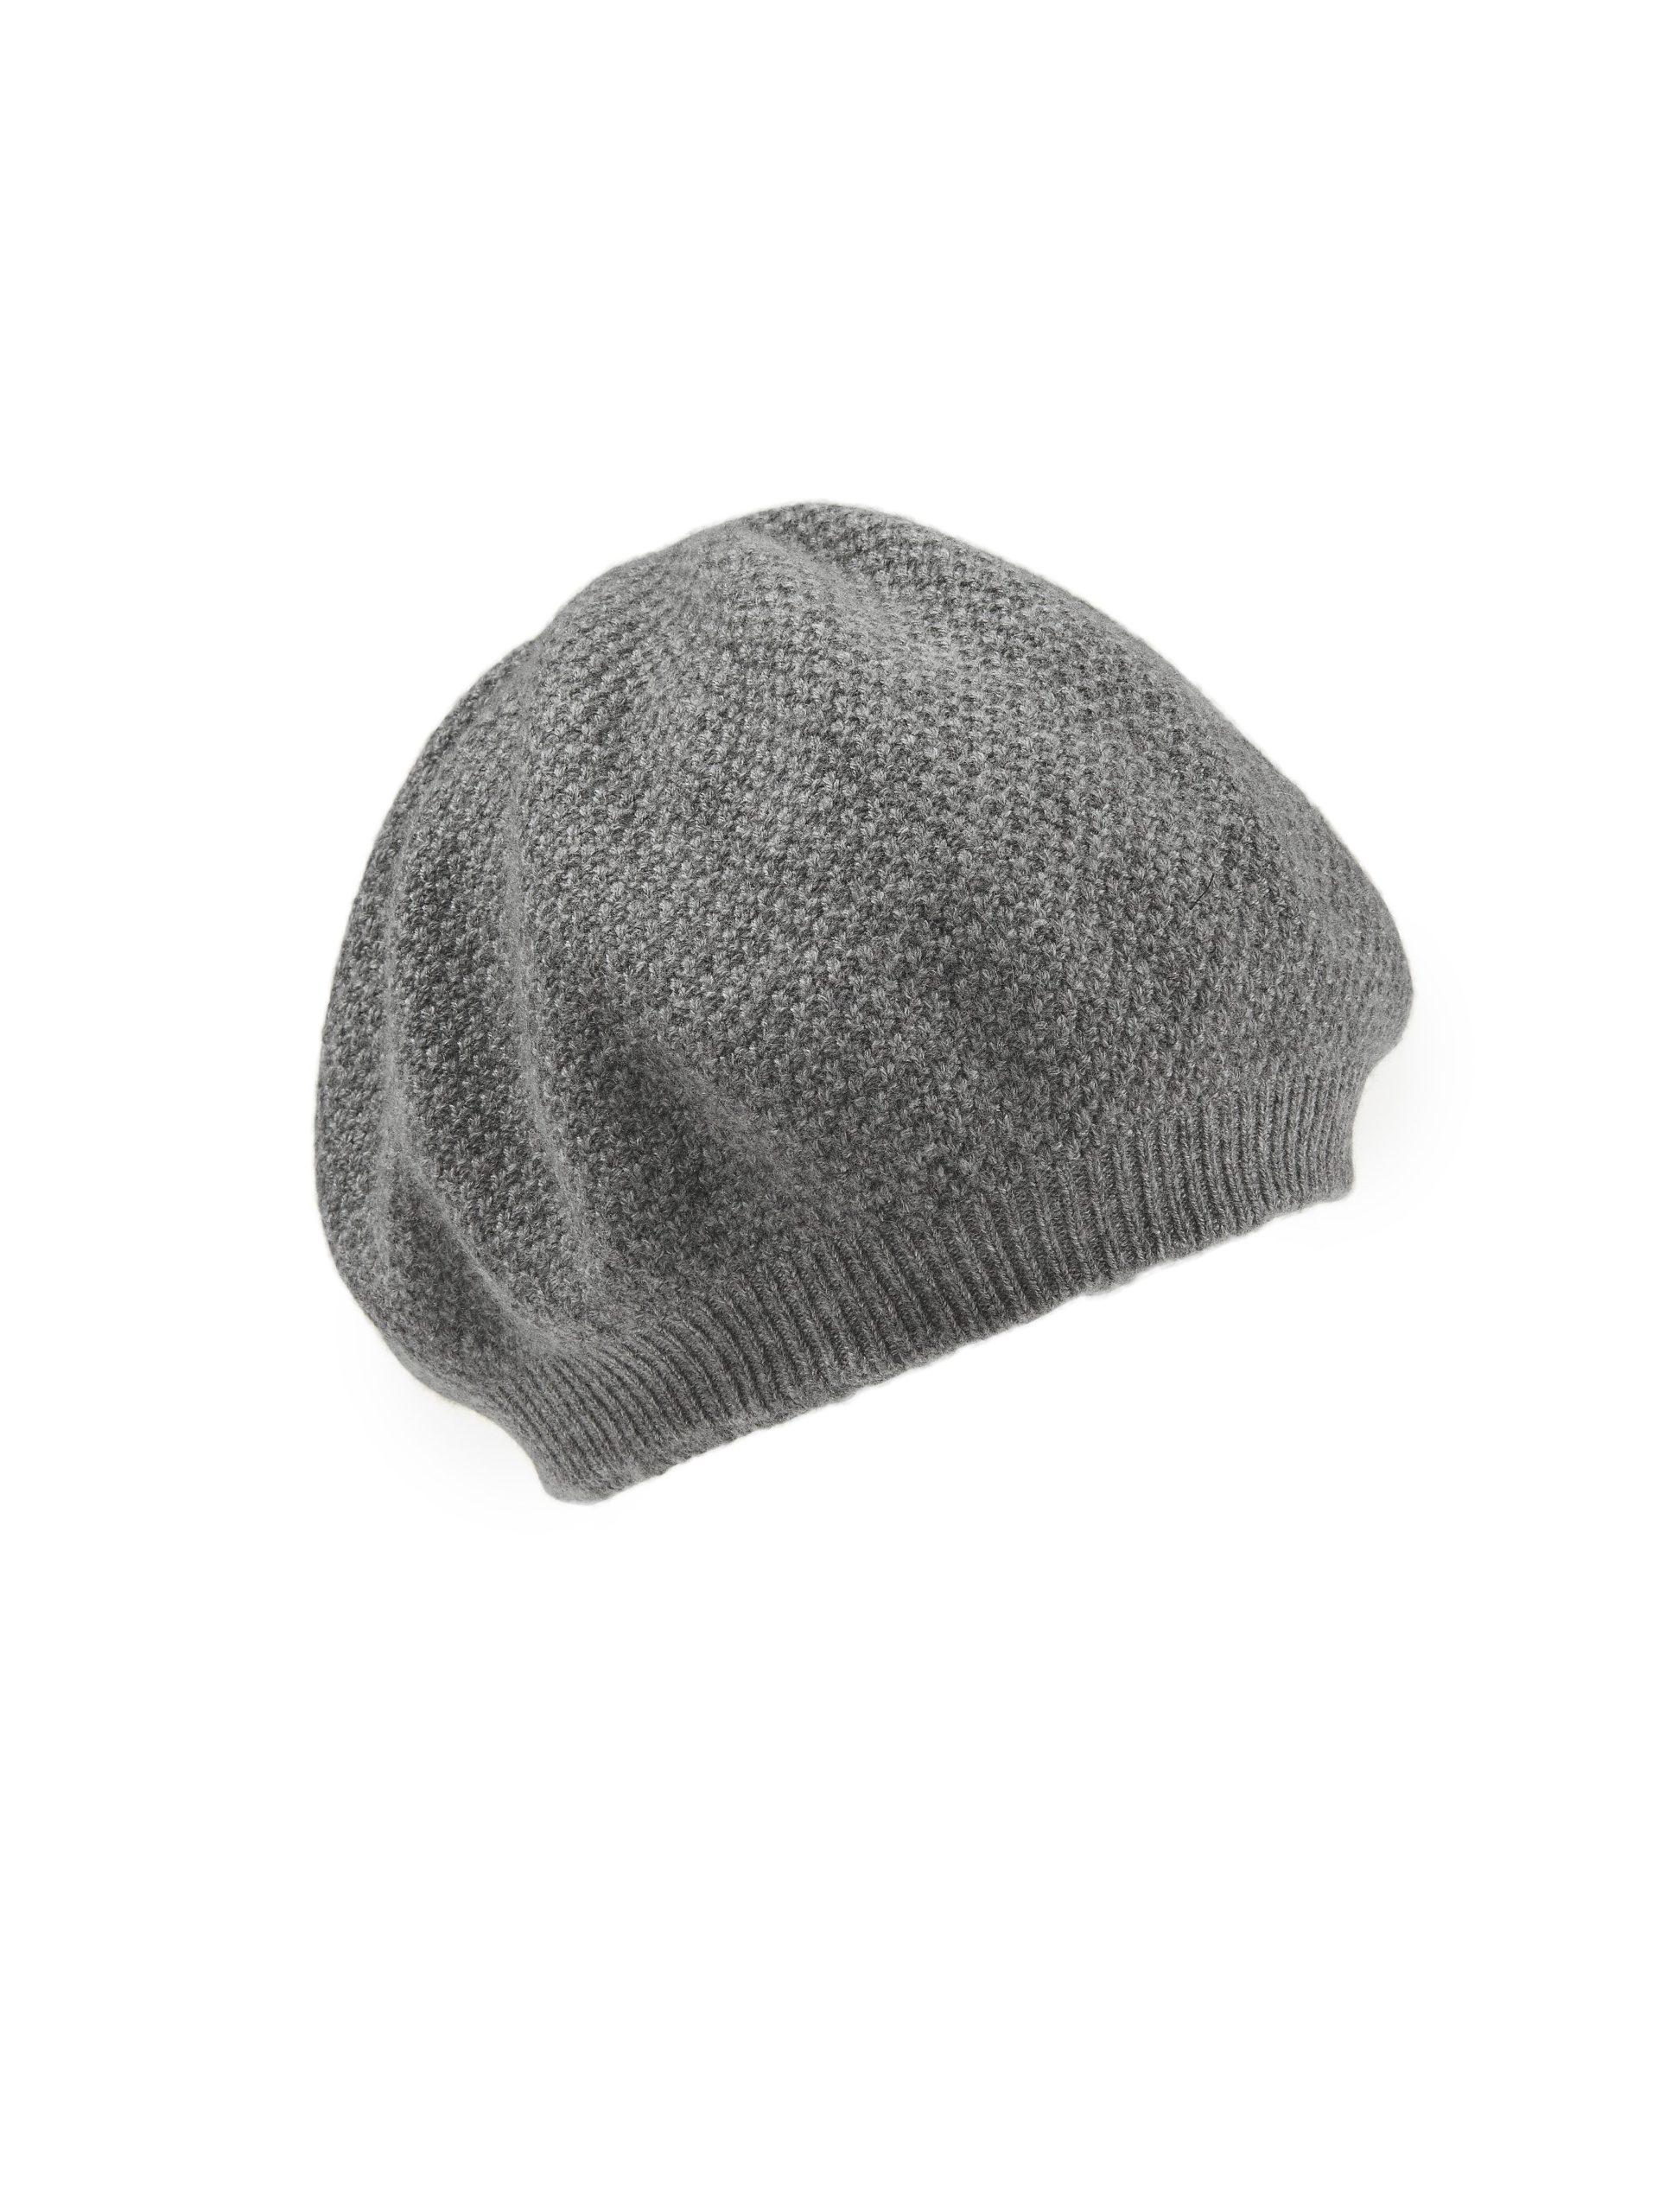 Keerbare baret 100% kasjmier Van Peter Hahn Cashmere grijs Kopen